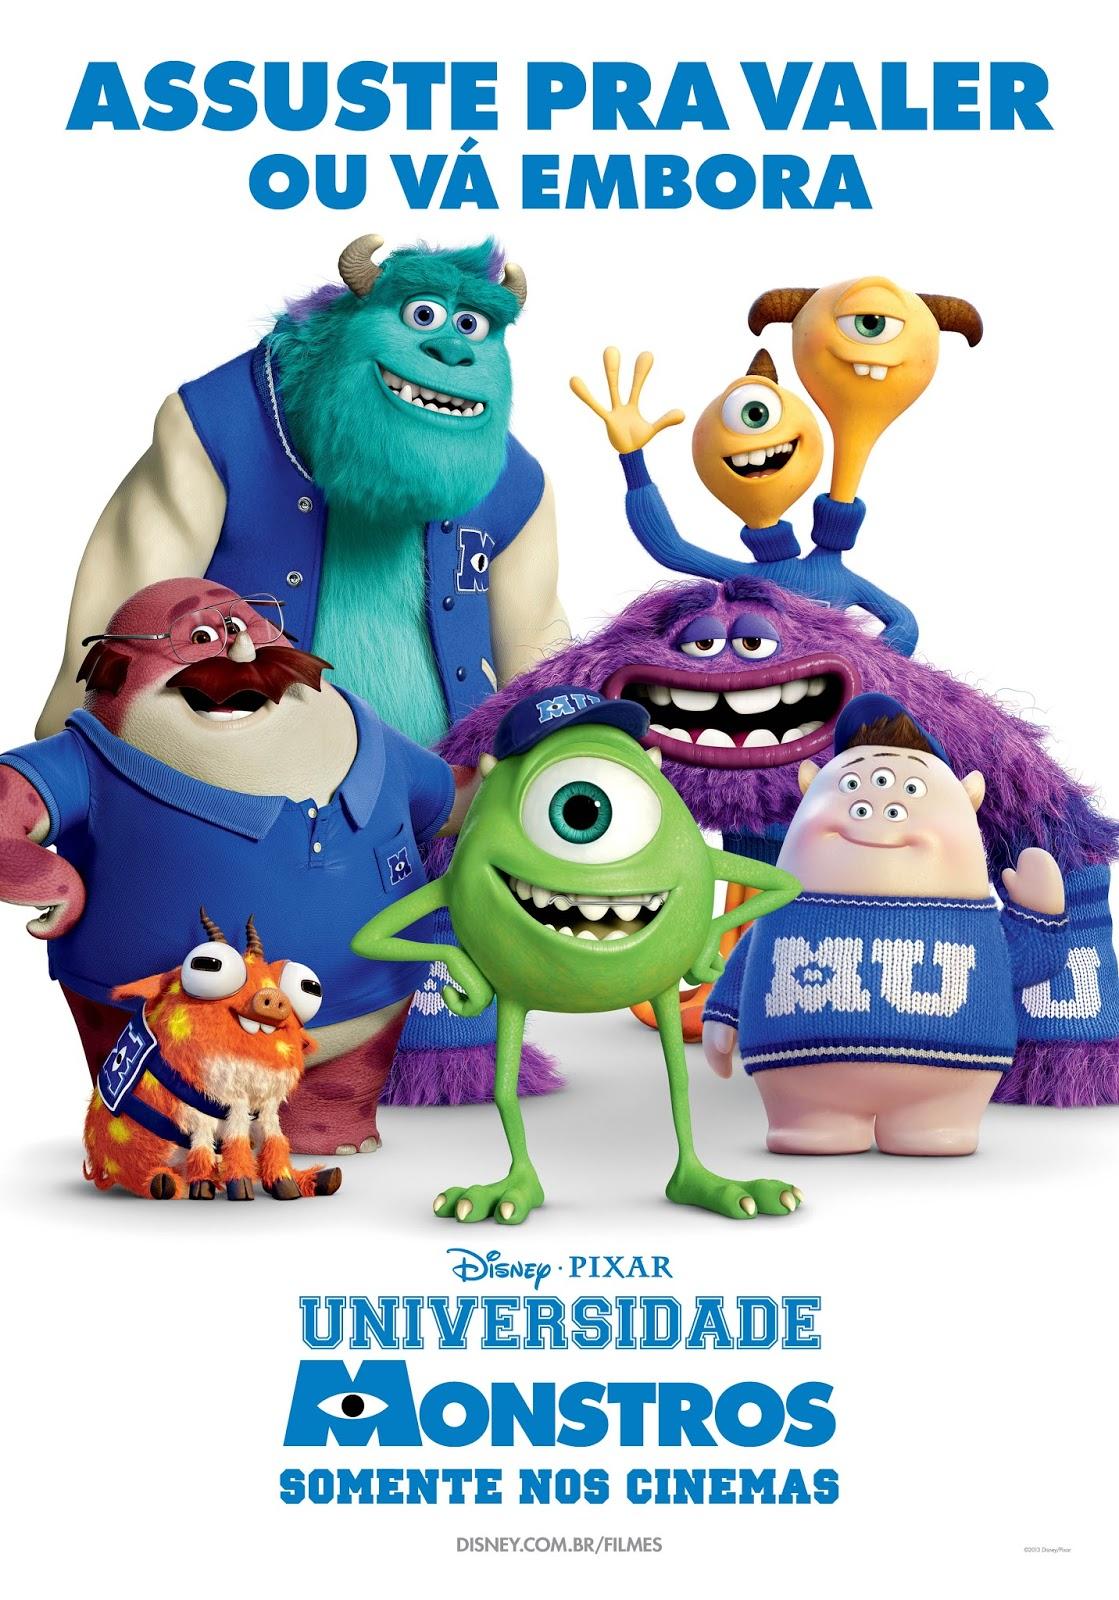 Os Melhores Filmes Infantis Universidade Monstros Filme Completo Avi Rmvb Dublado